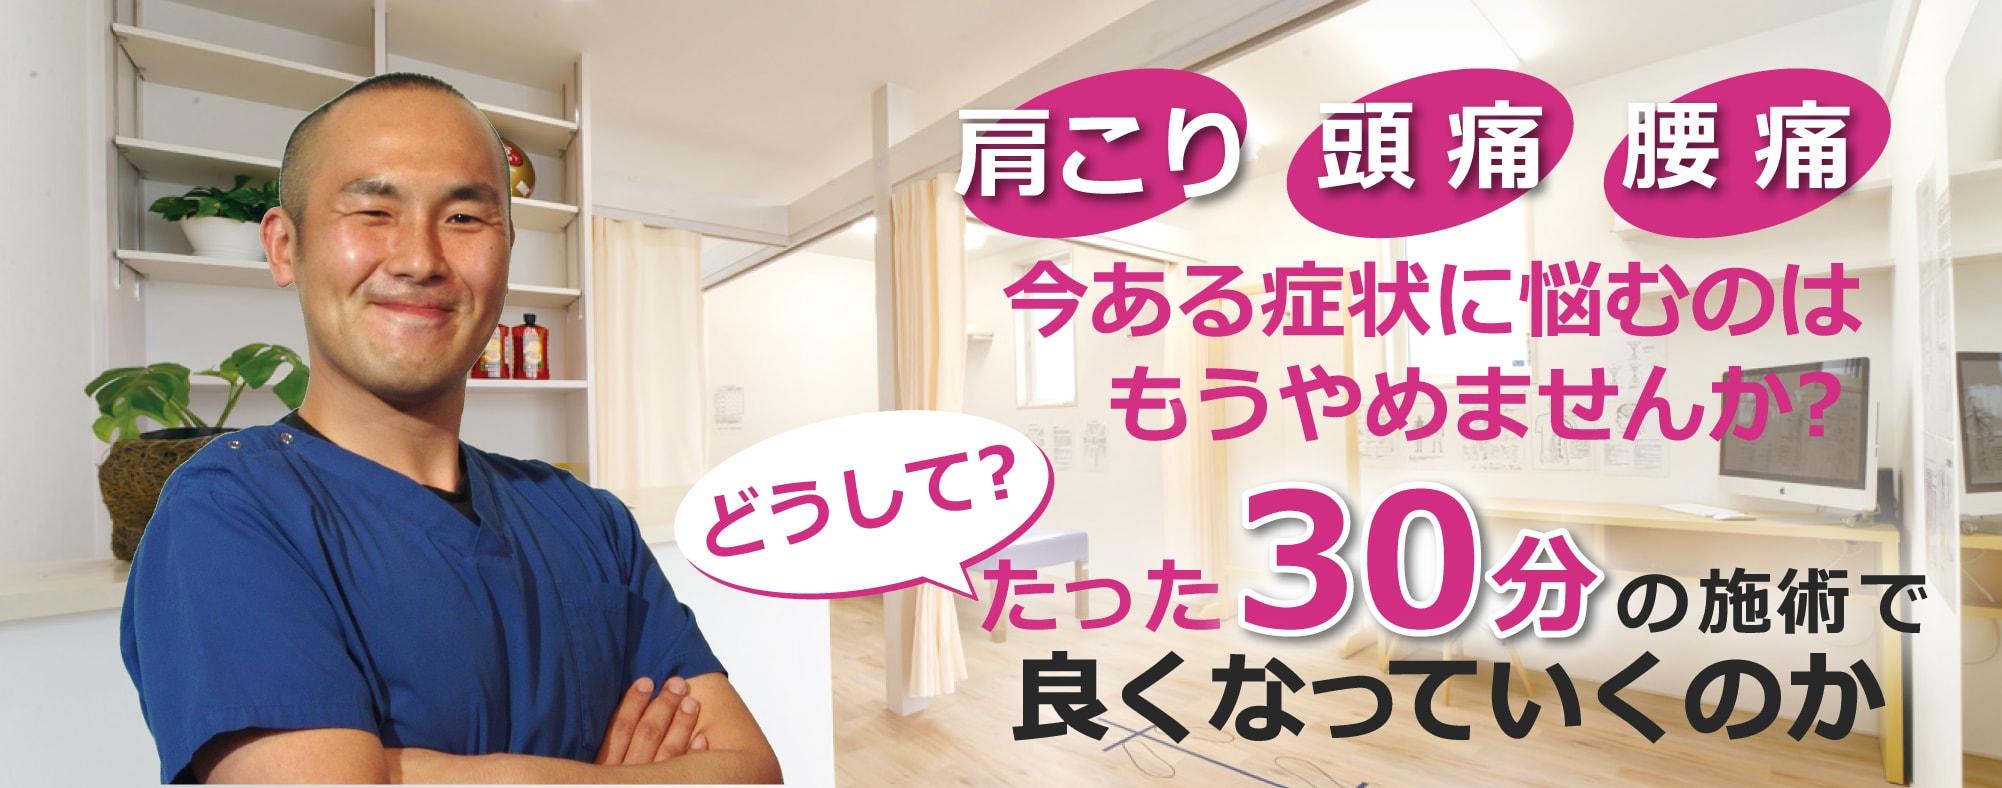 富山で整体・骨盤矯正なら|一回で骨盤の変化を体感できる富山の整体院|肩こり・頭痛・腰痛を根本から良くしていきます。